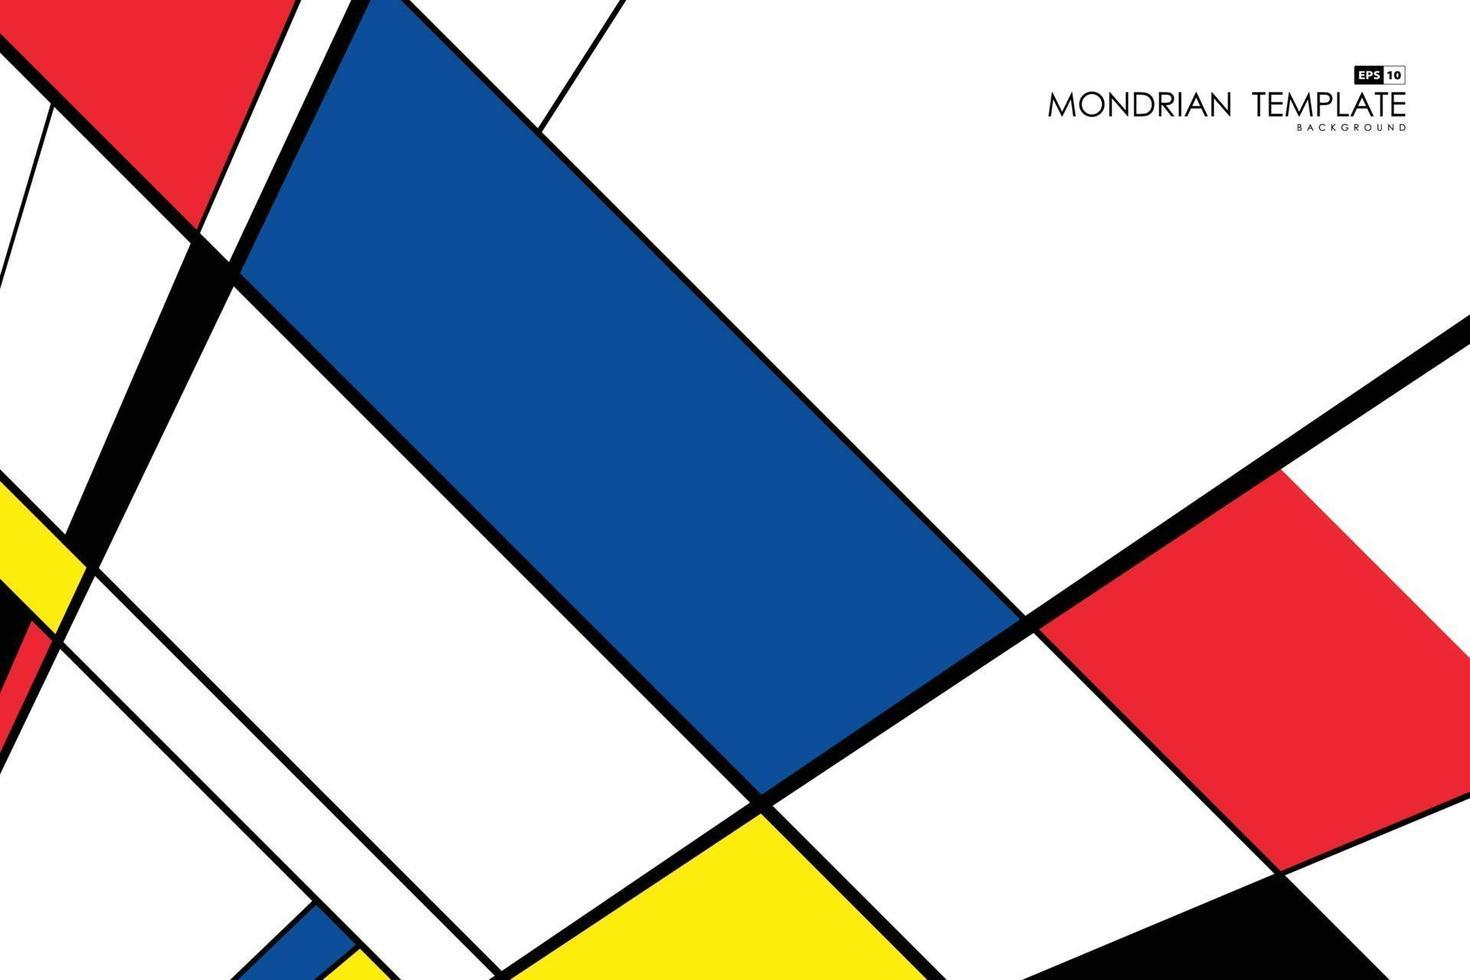 abstrakter mondrian Schablonenentwurfskunst Retroperspektivhintergrund. Vektor eps10